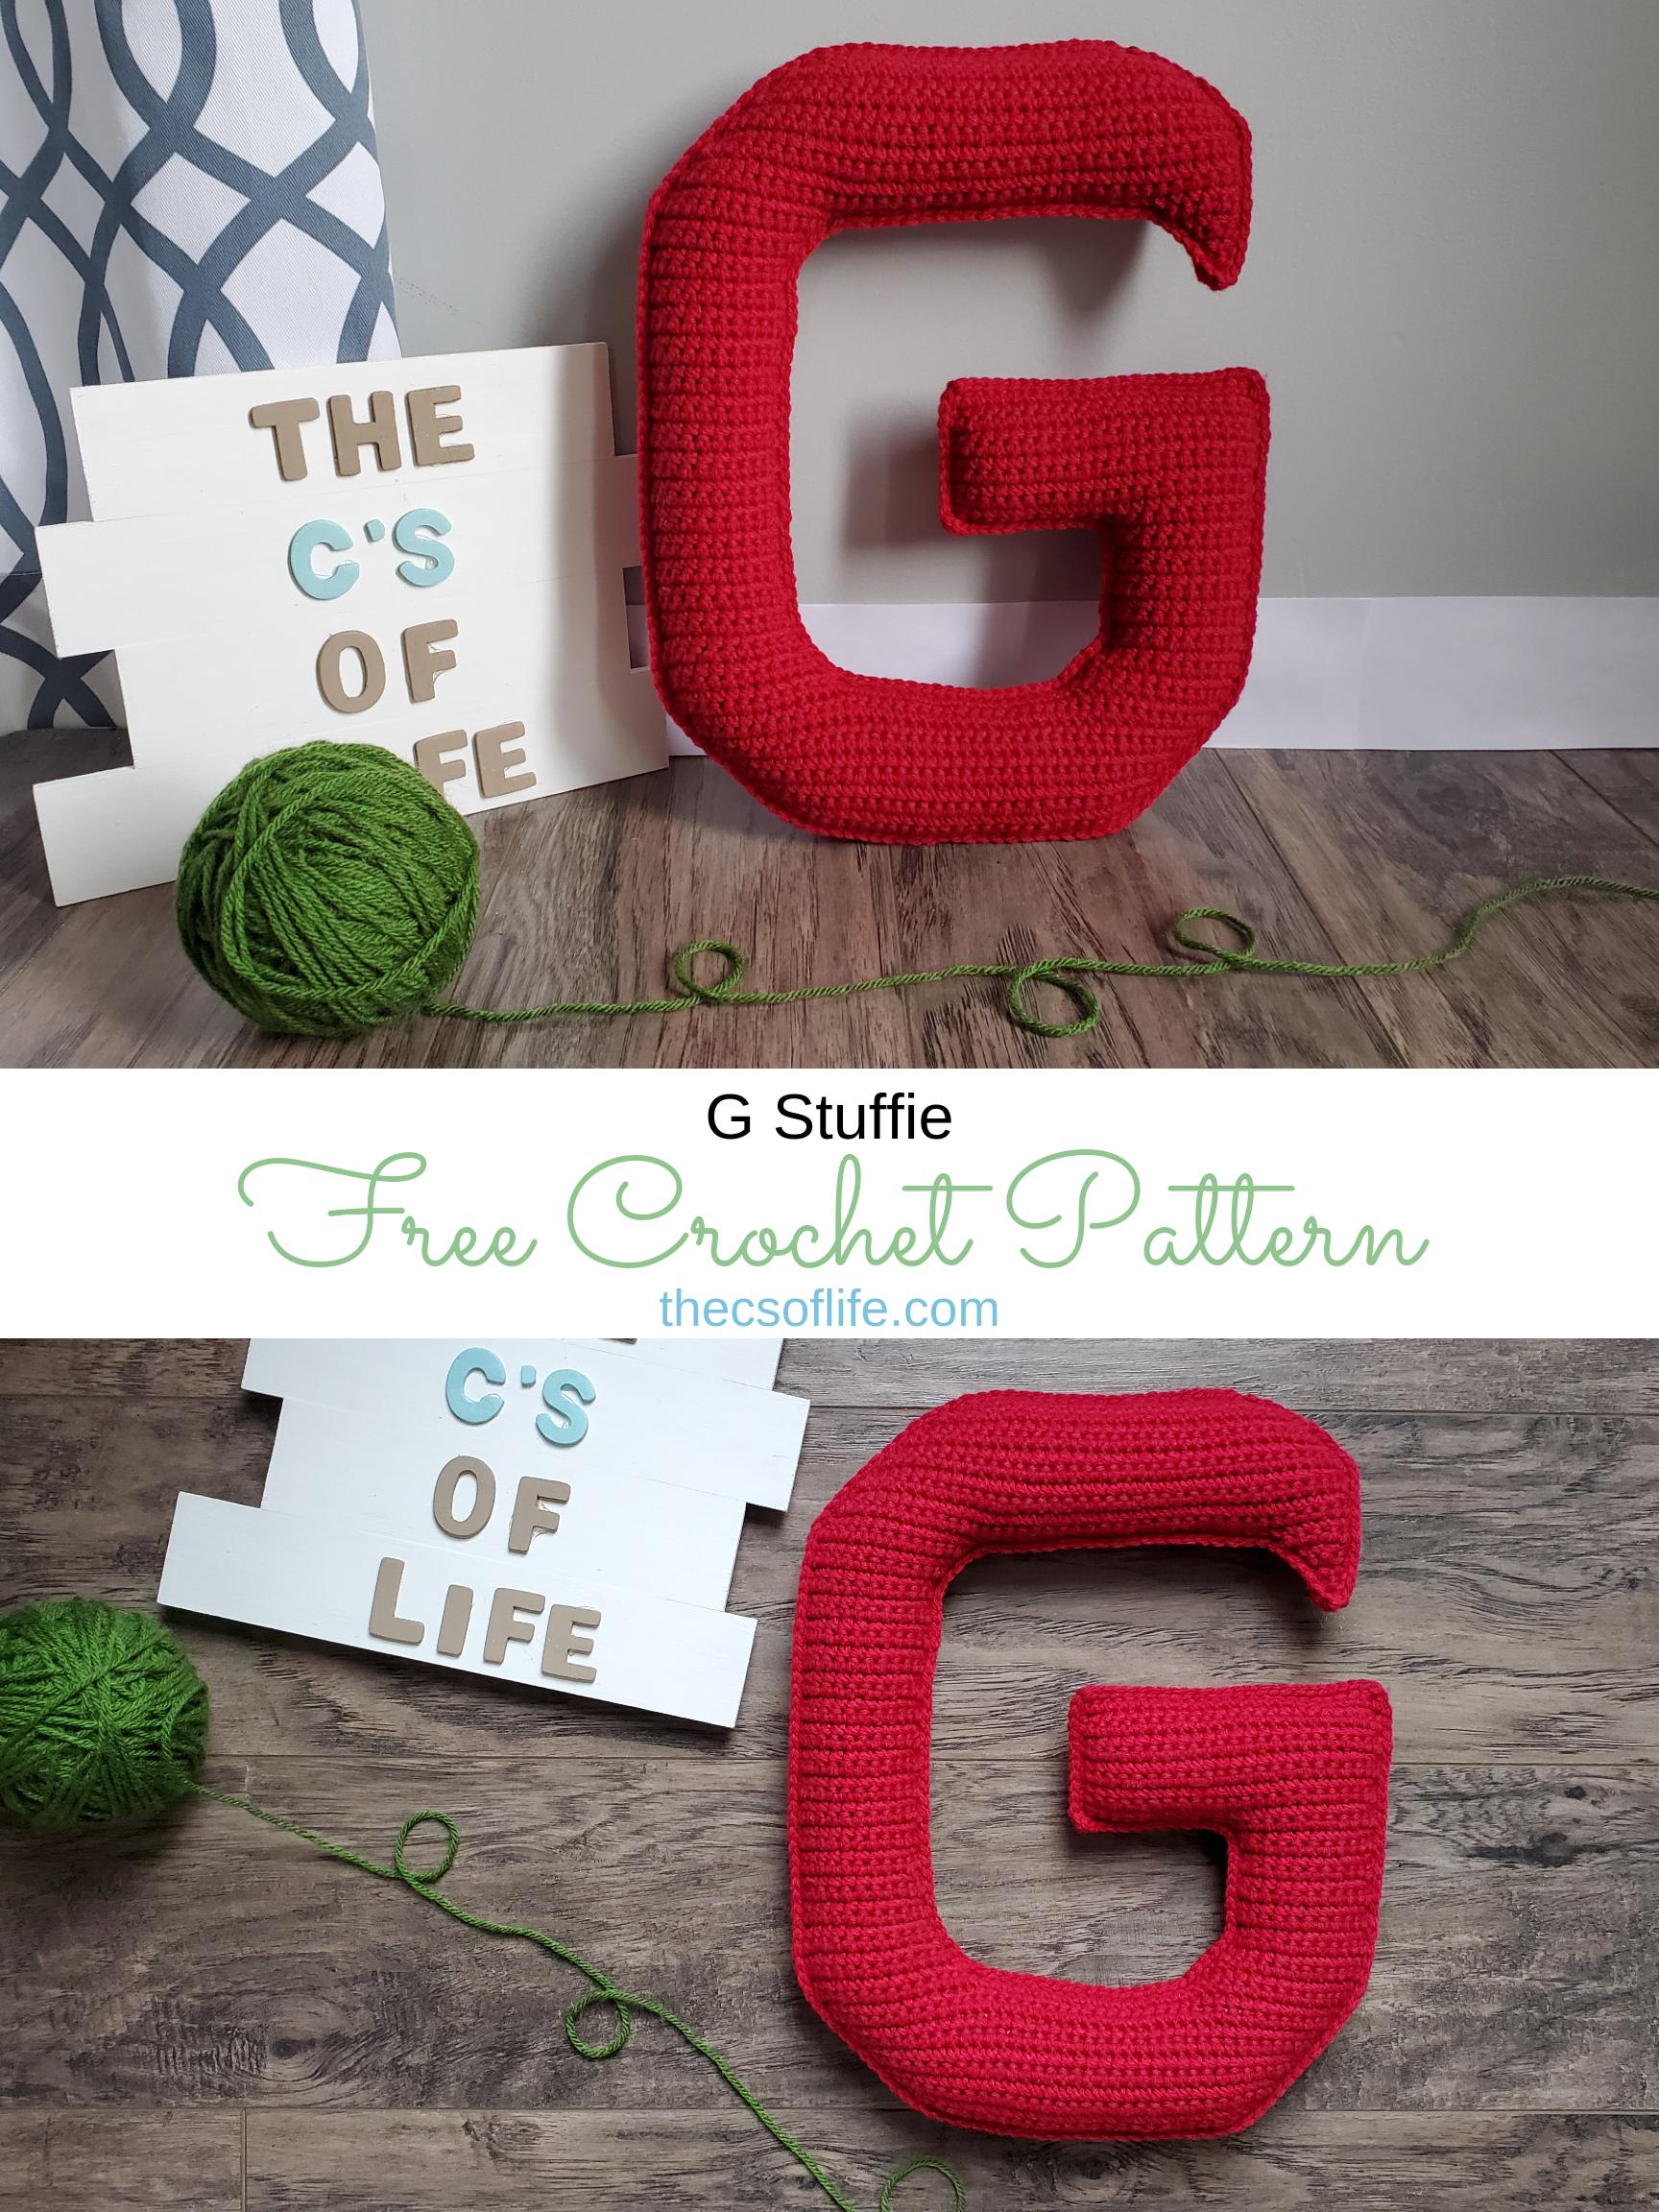 G Stuffie - Free Crochet Pattern